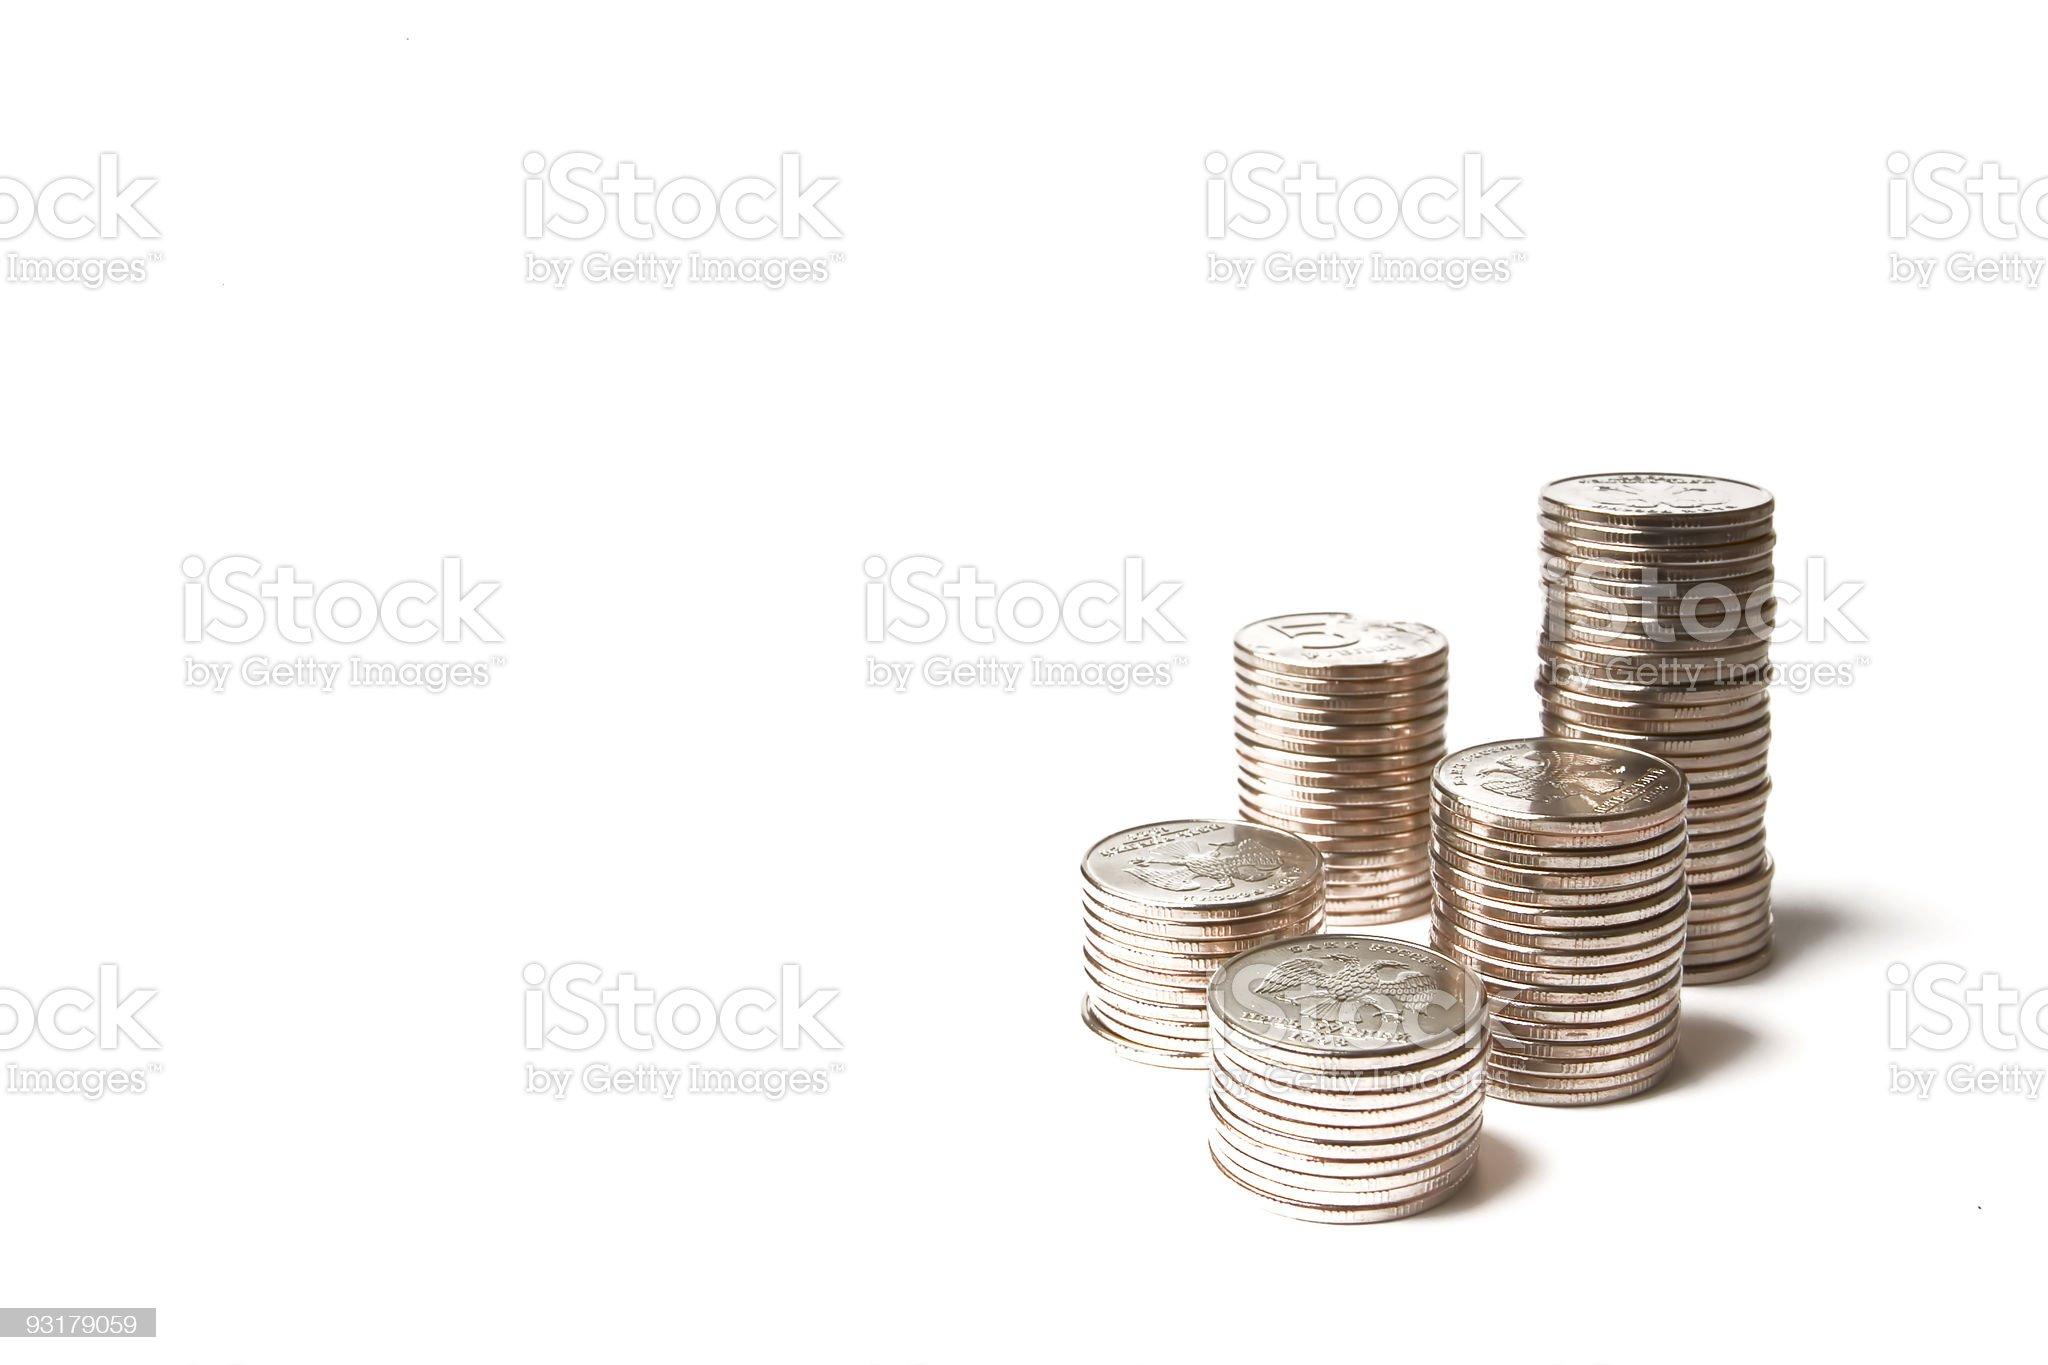 metallic coins royalty-free stock photo